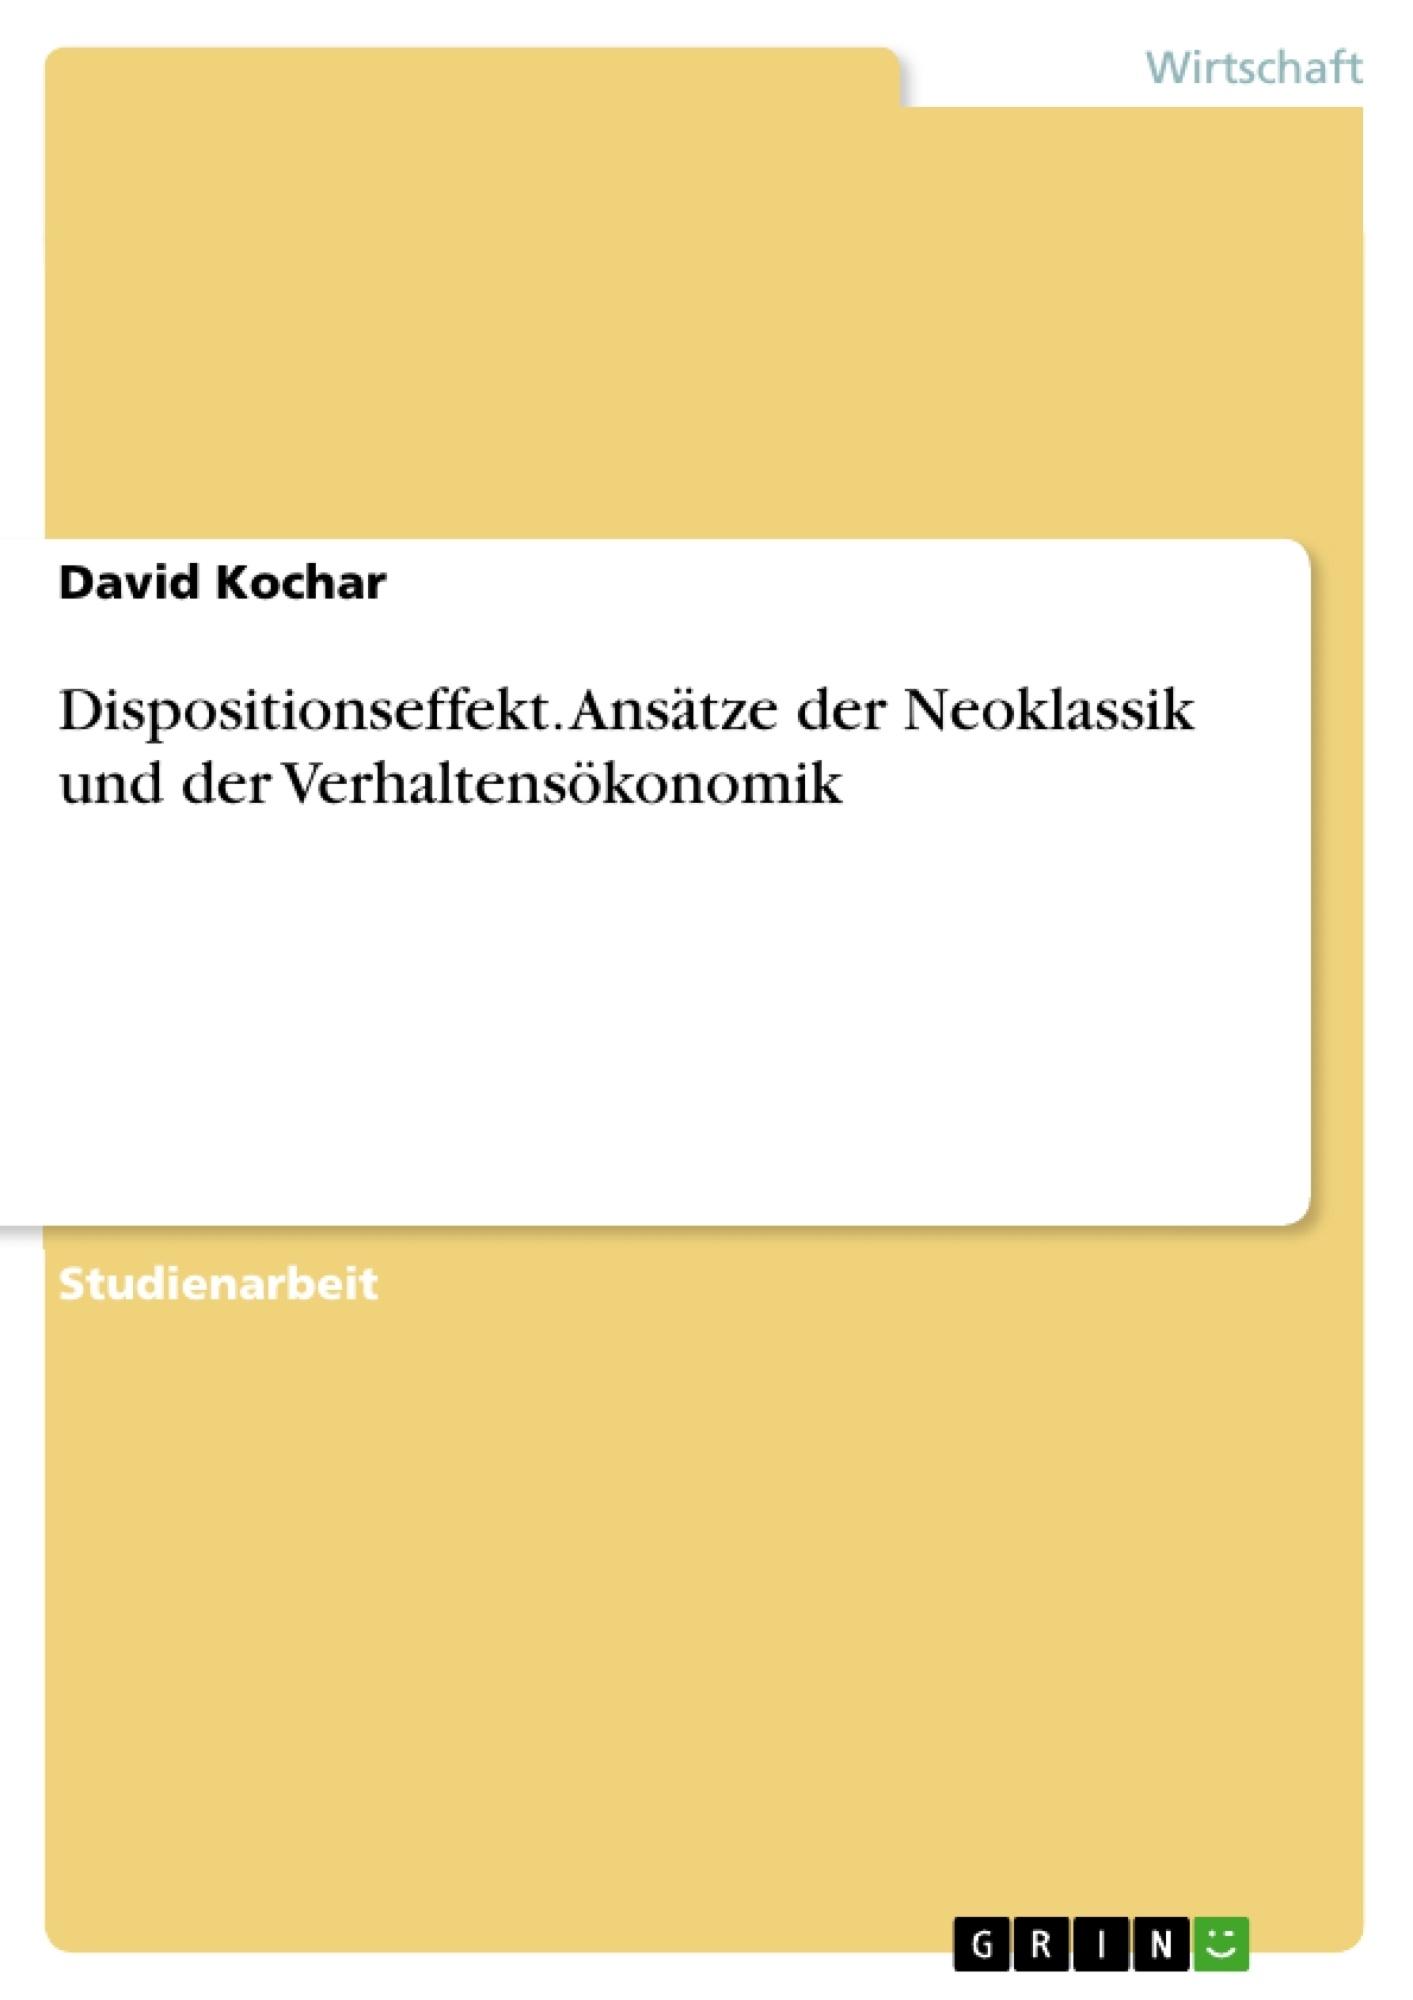 Titel: Dispositionseffekt. Ansätze der Neoklassik und der Verhaltensökonomik